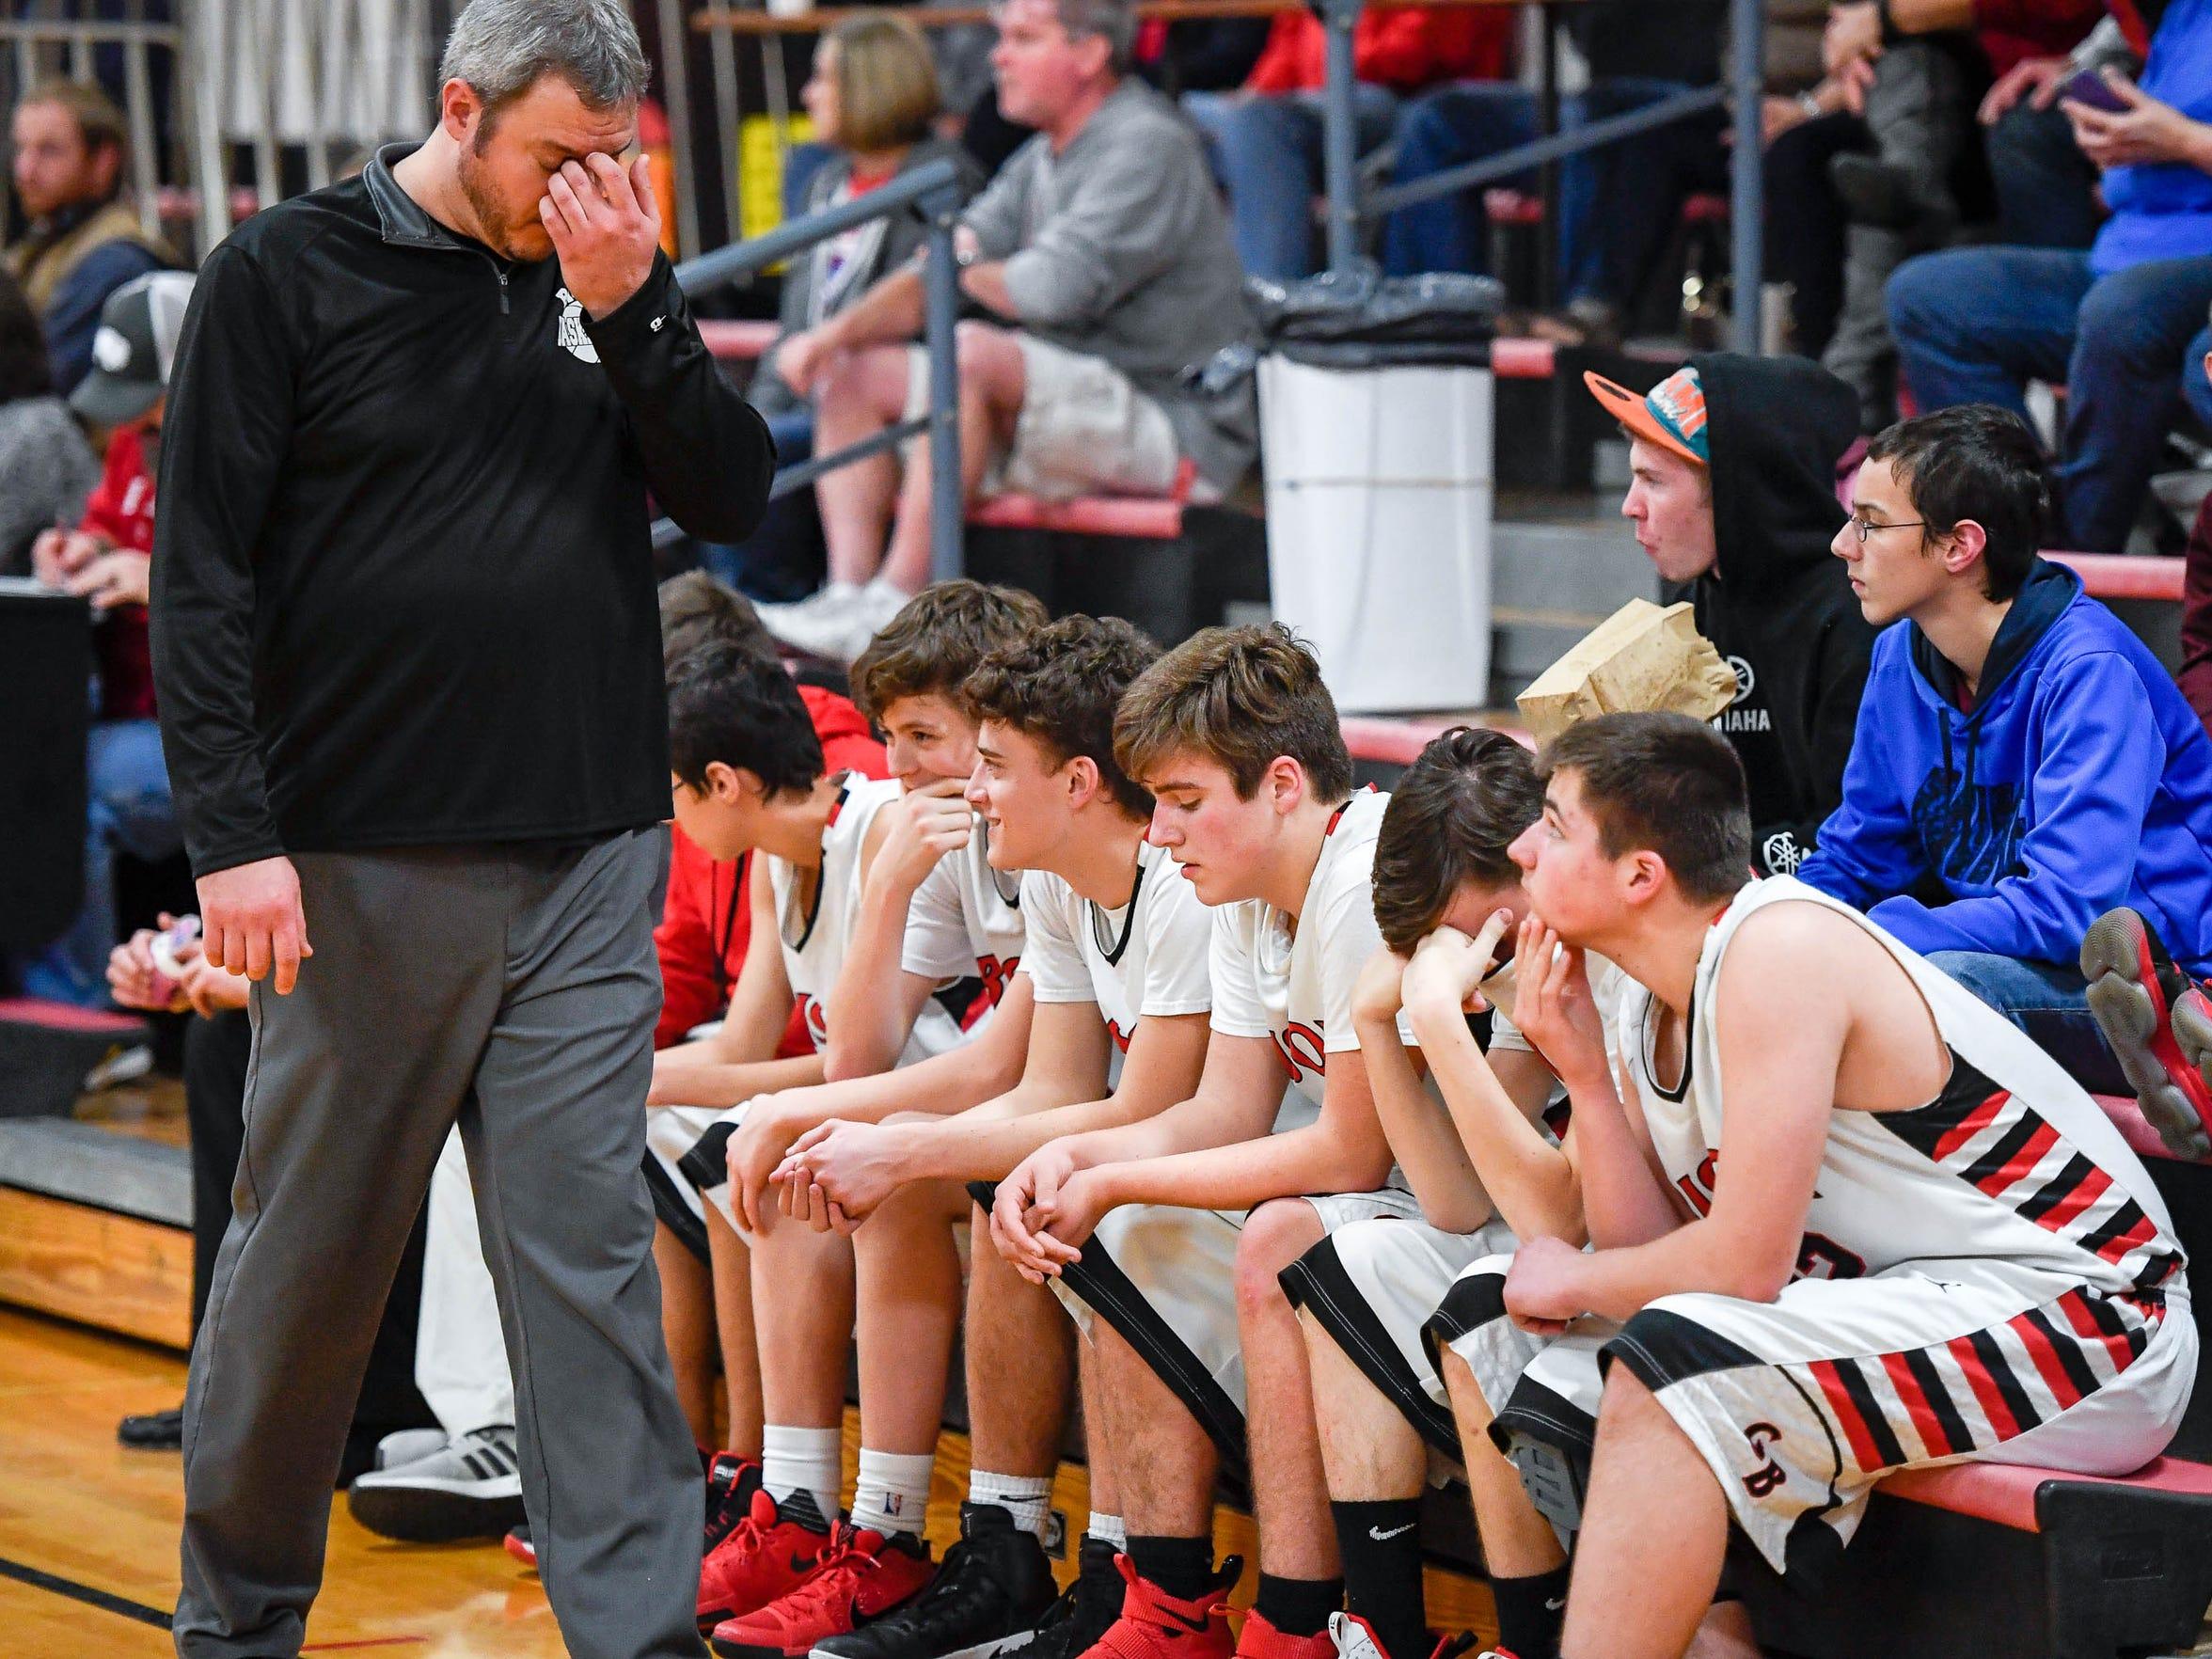 Head coach Brian Hucker and the Grayville bench as